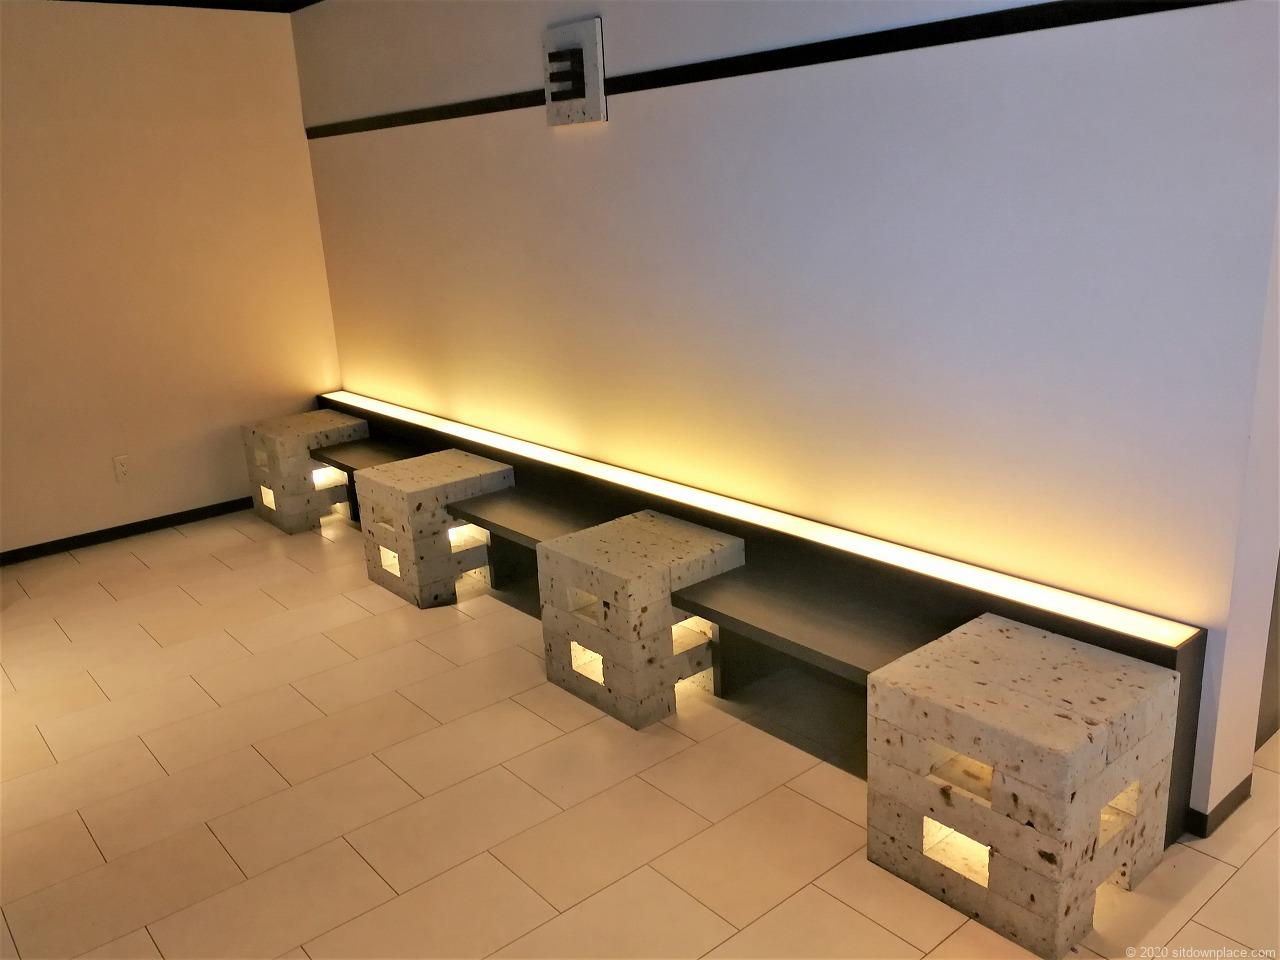 宇都宮駅パセオ3Fエレベーター前の休憩場所